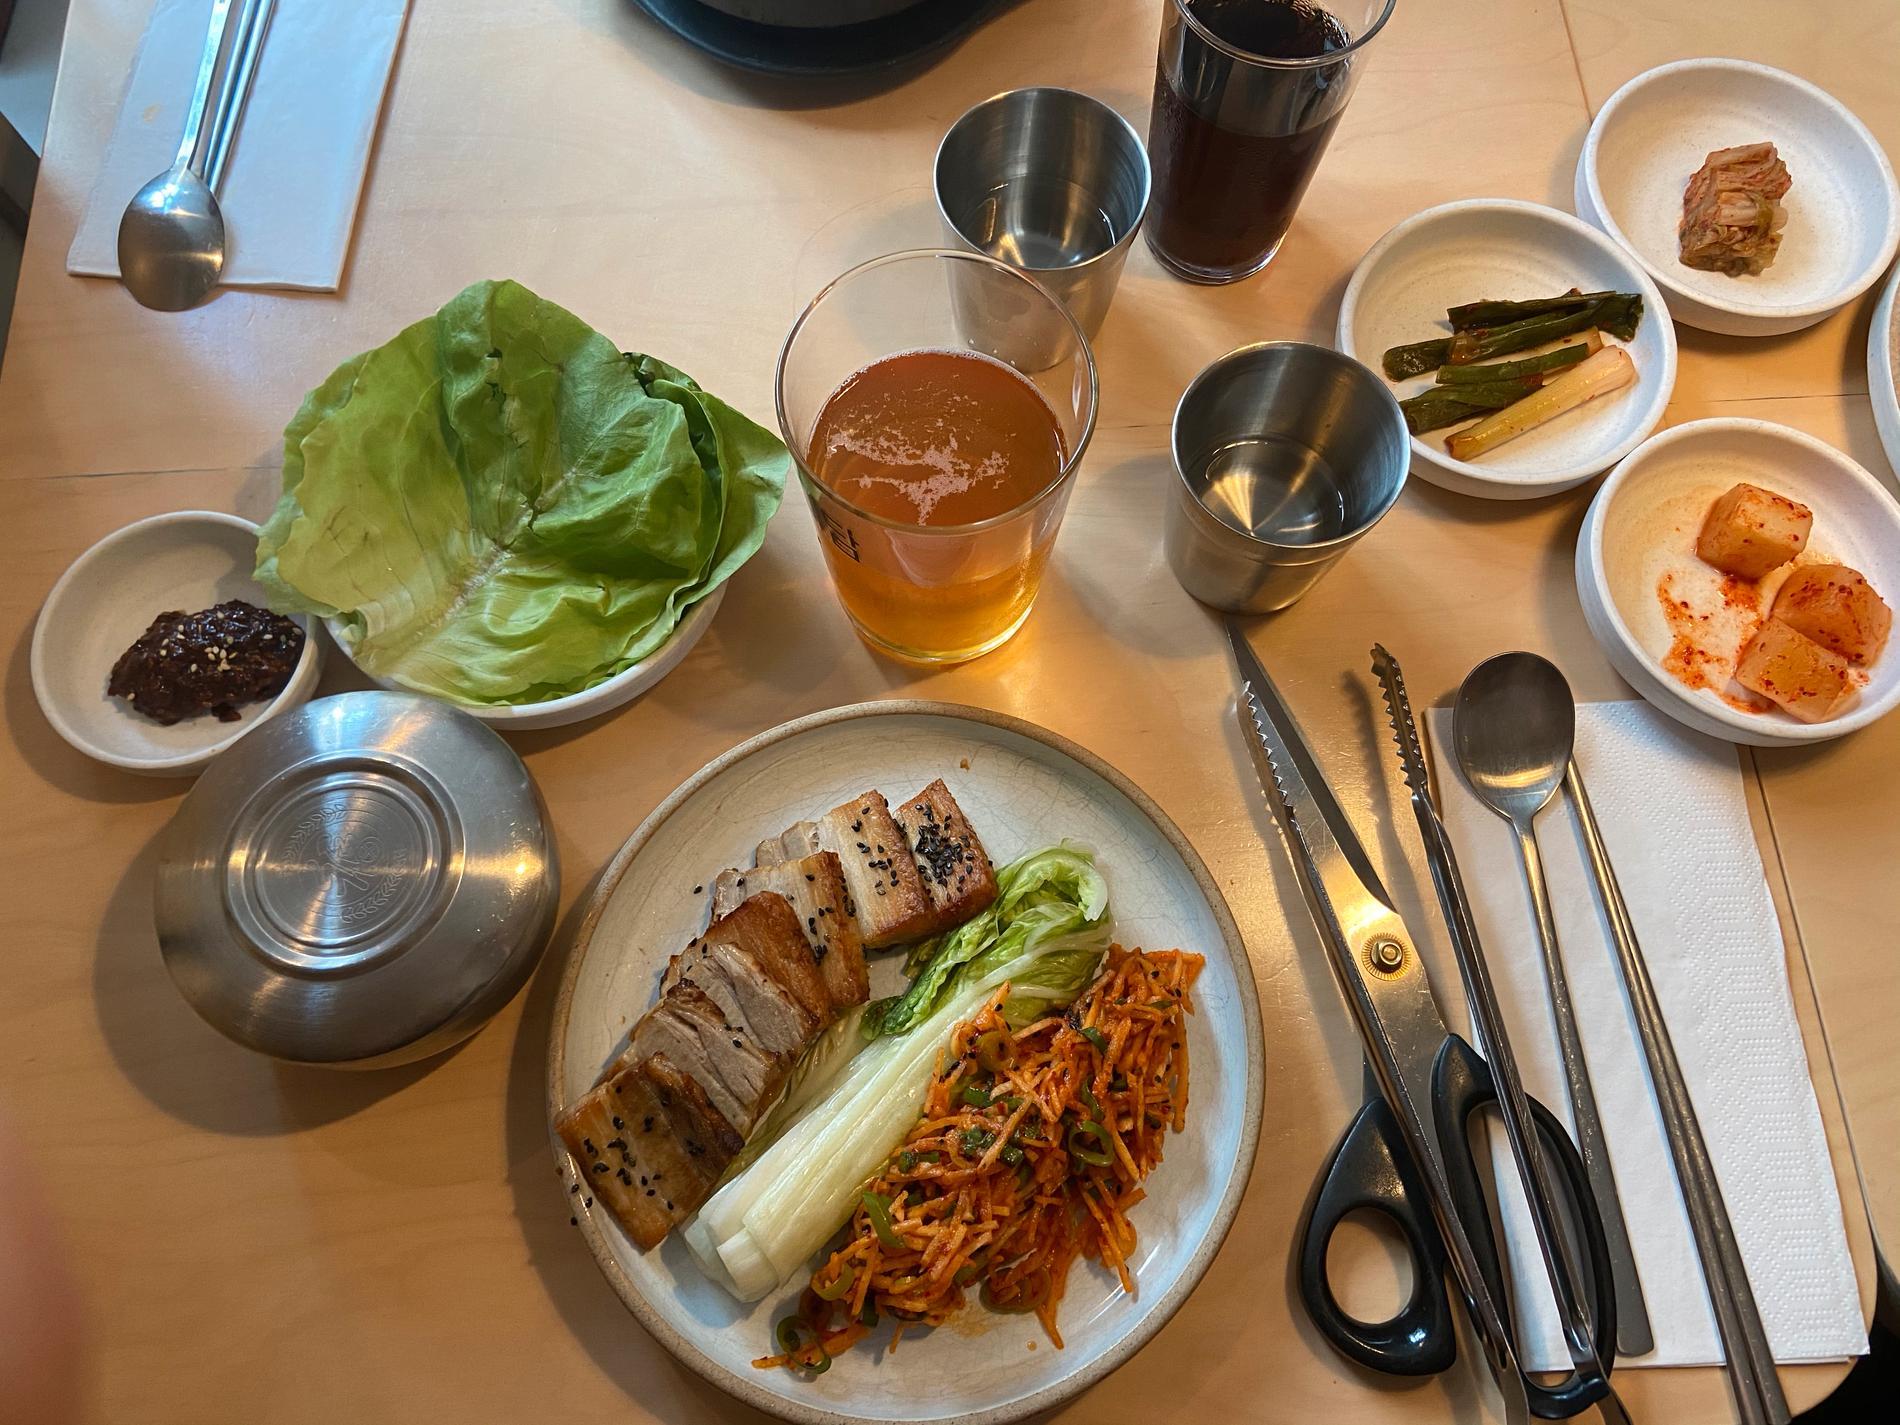 Bo ssam – koreansk wrap med fläsk på Madam.